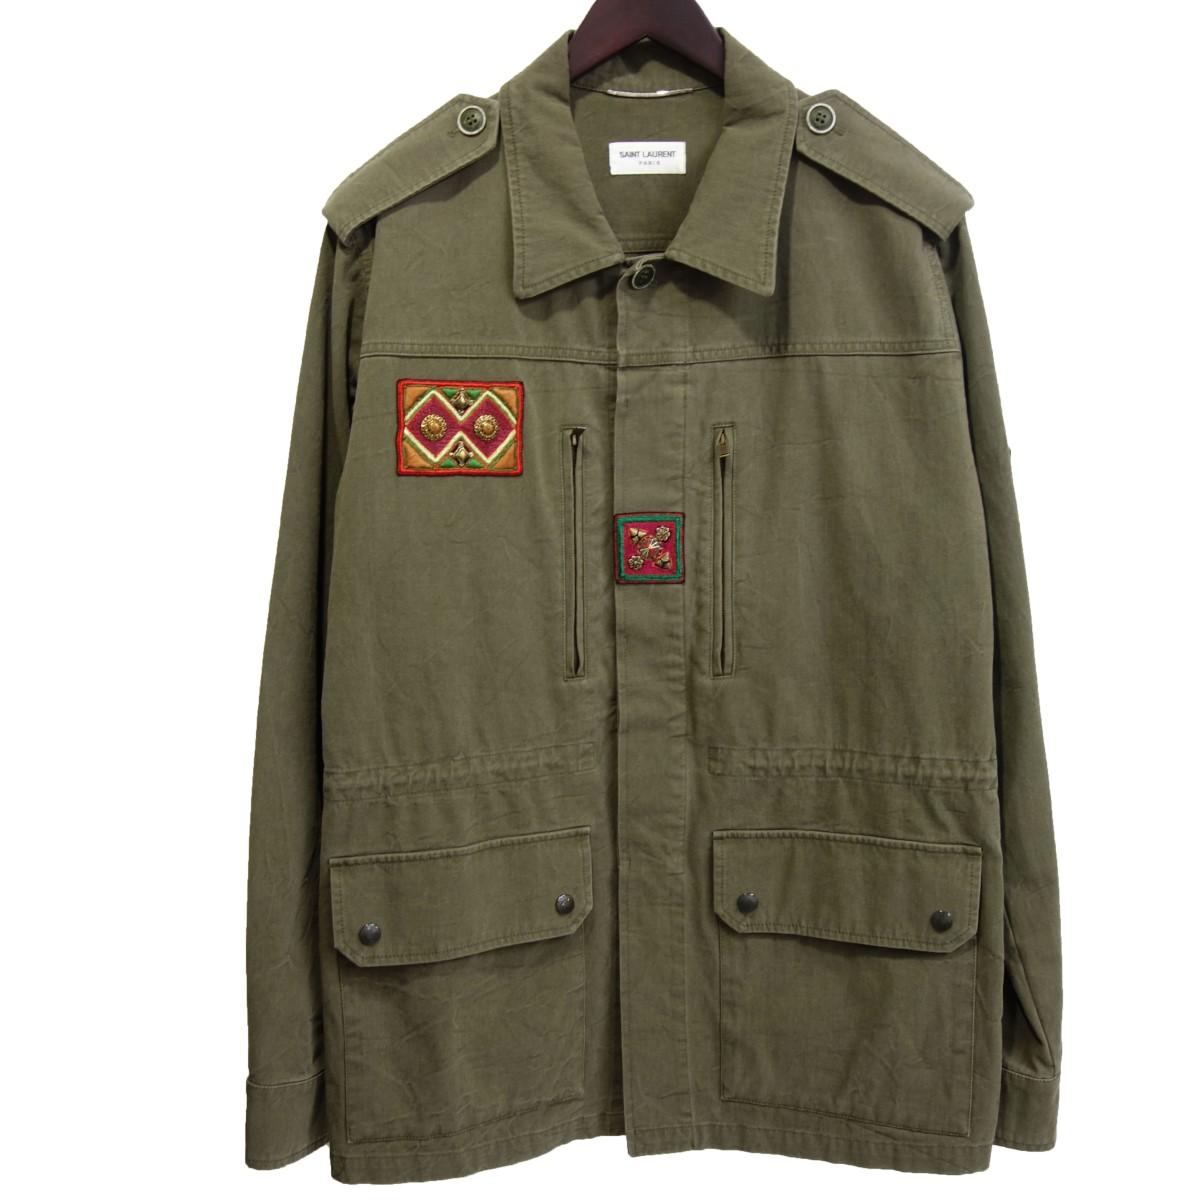 【中古】SAINT LAURENT PARIS 18SS ミリタリー装飾ジャケット カーキ サイズ:48 【210220】(サンローランパリ)